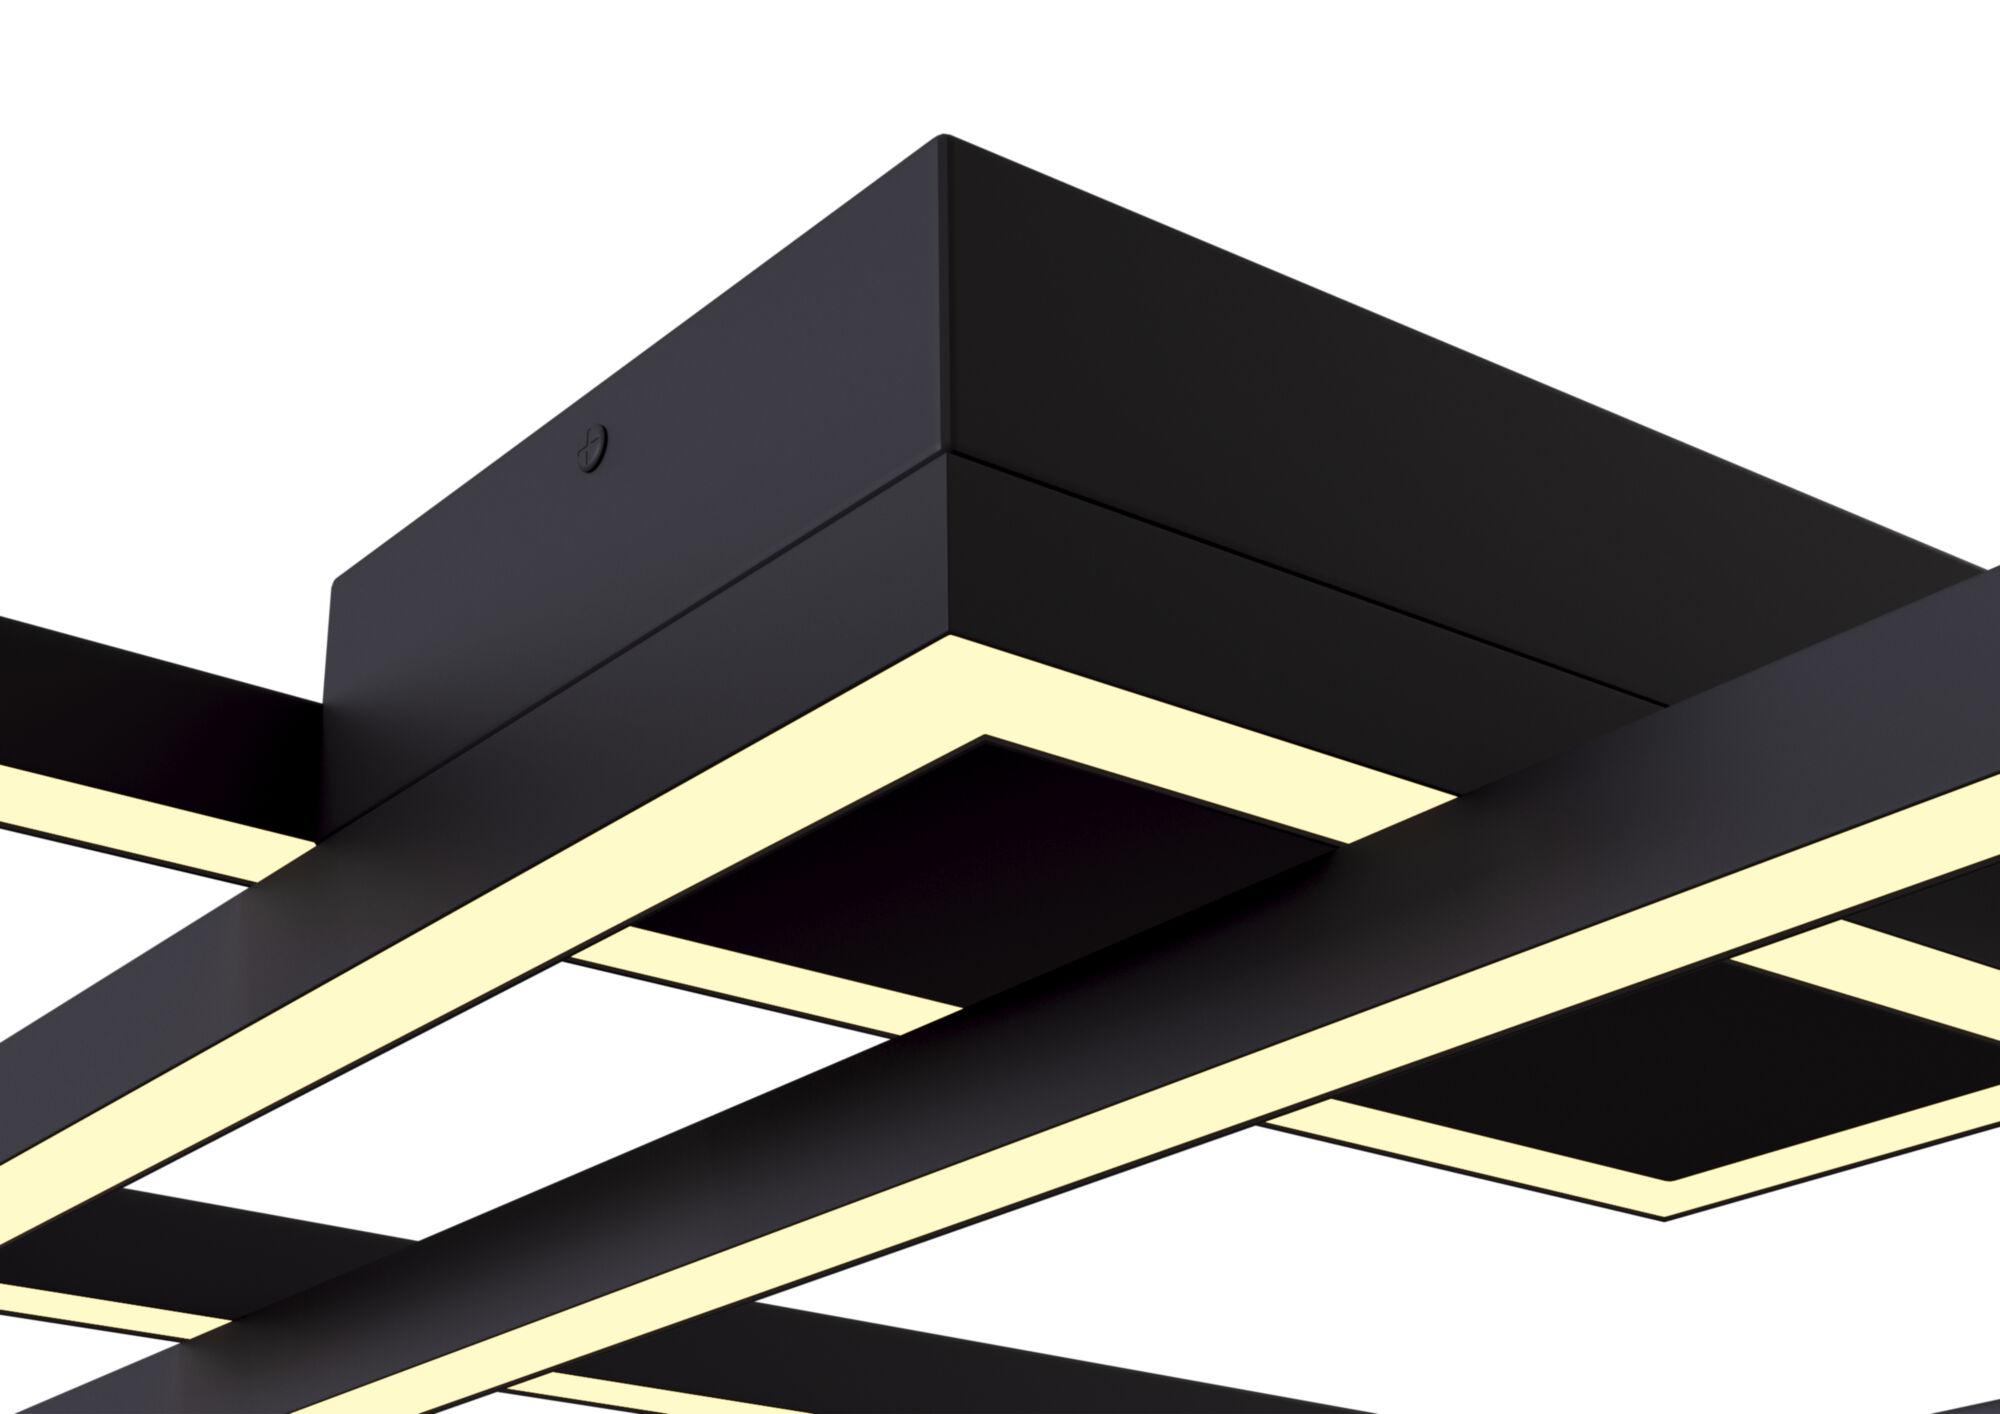 Потолочные светильники MOD015CL-L80B4K Line Maytoni